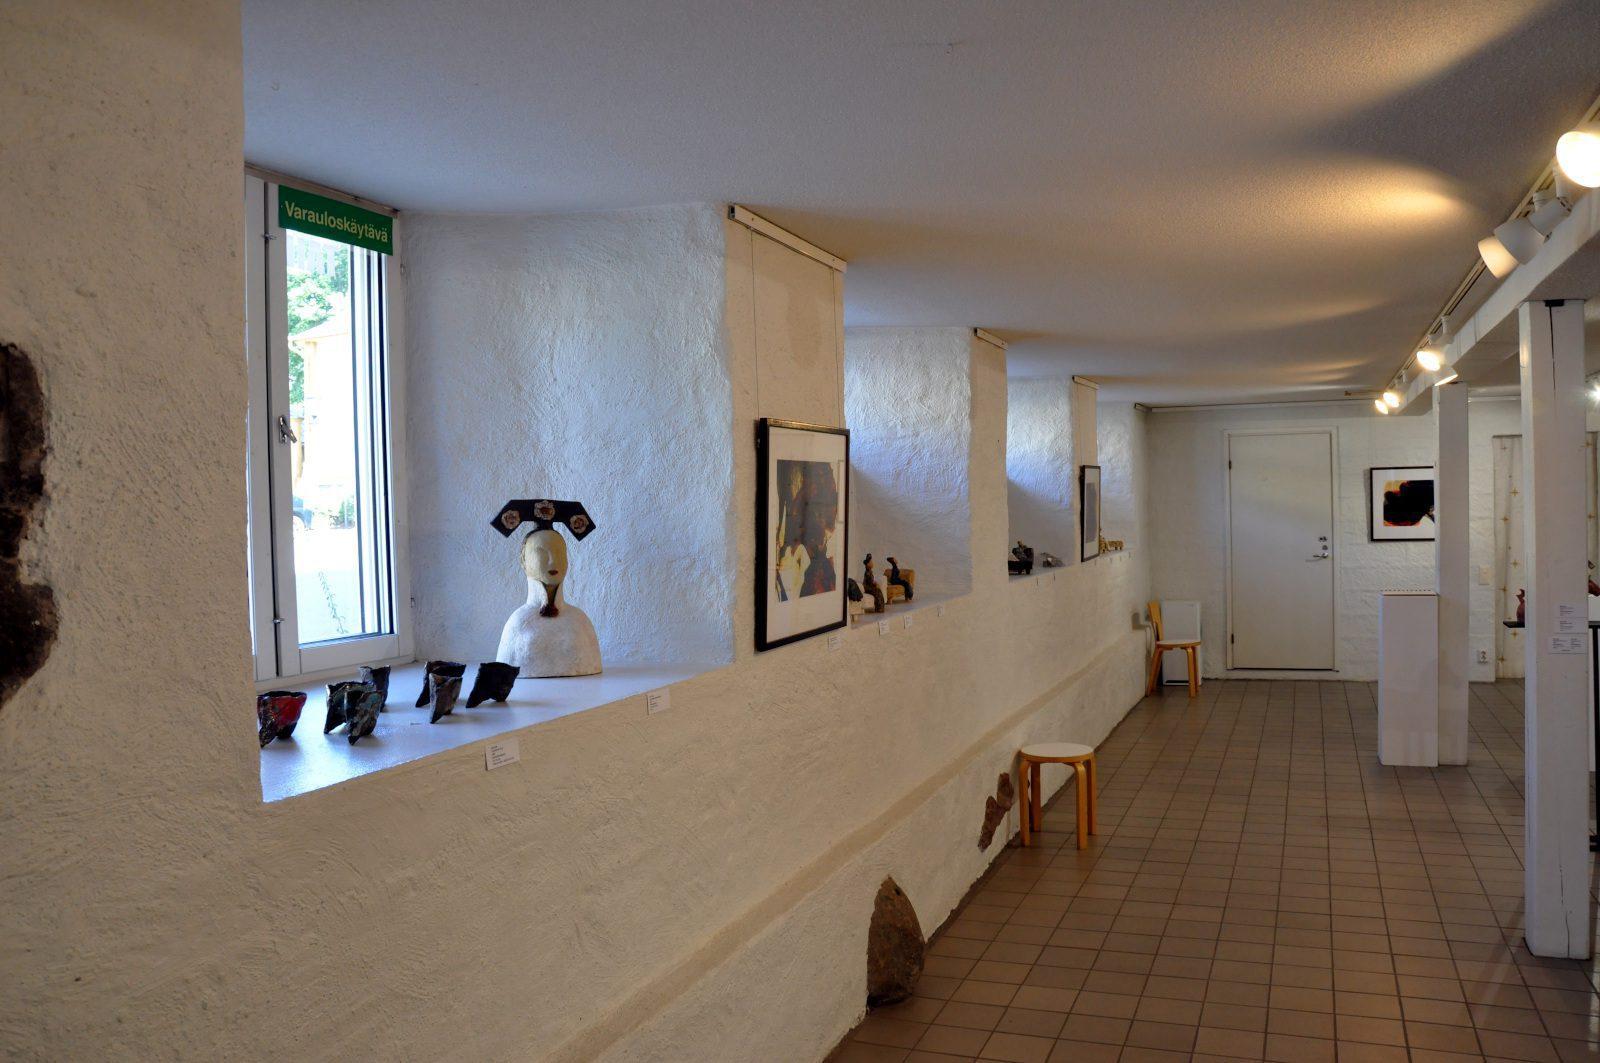 Naantalin Taidehuoneen valkoinen sisäseinä ja ikkunasyvennykset, joissa keramiikkataidetta esillä.